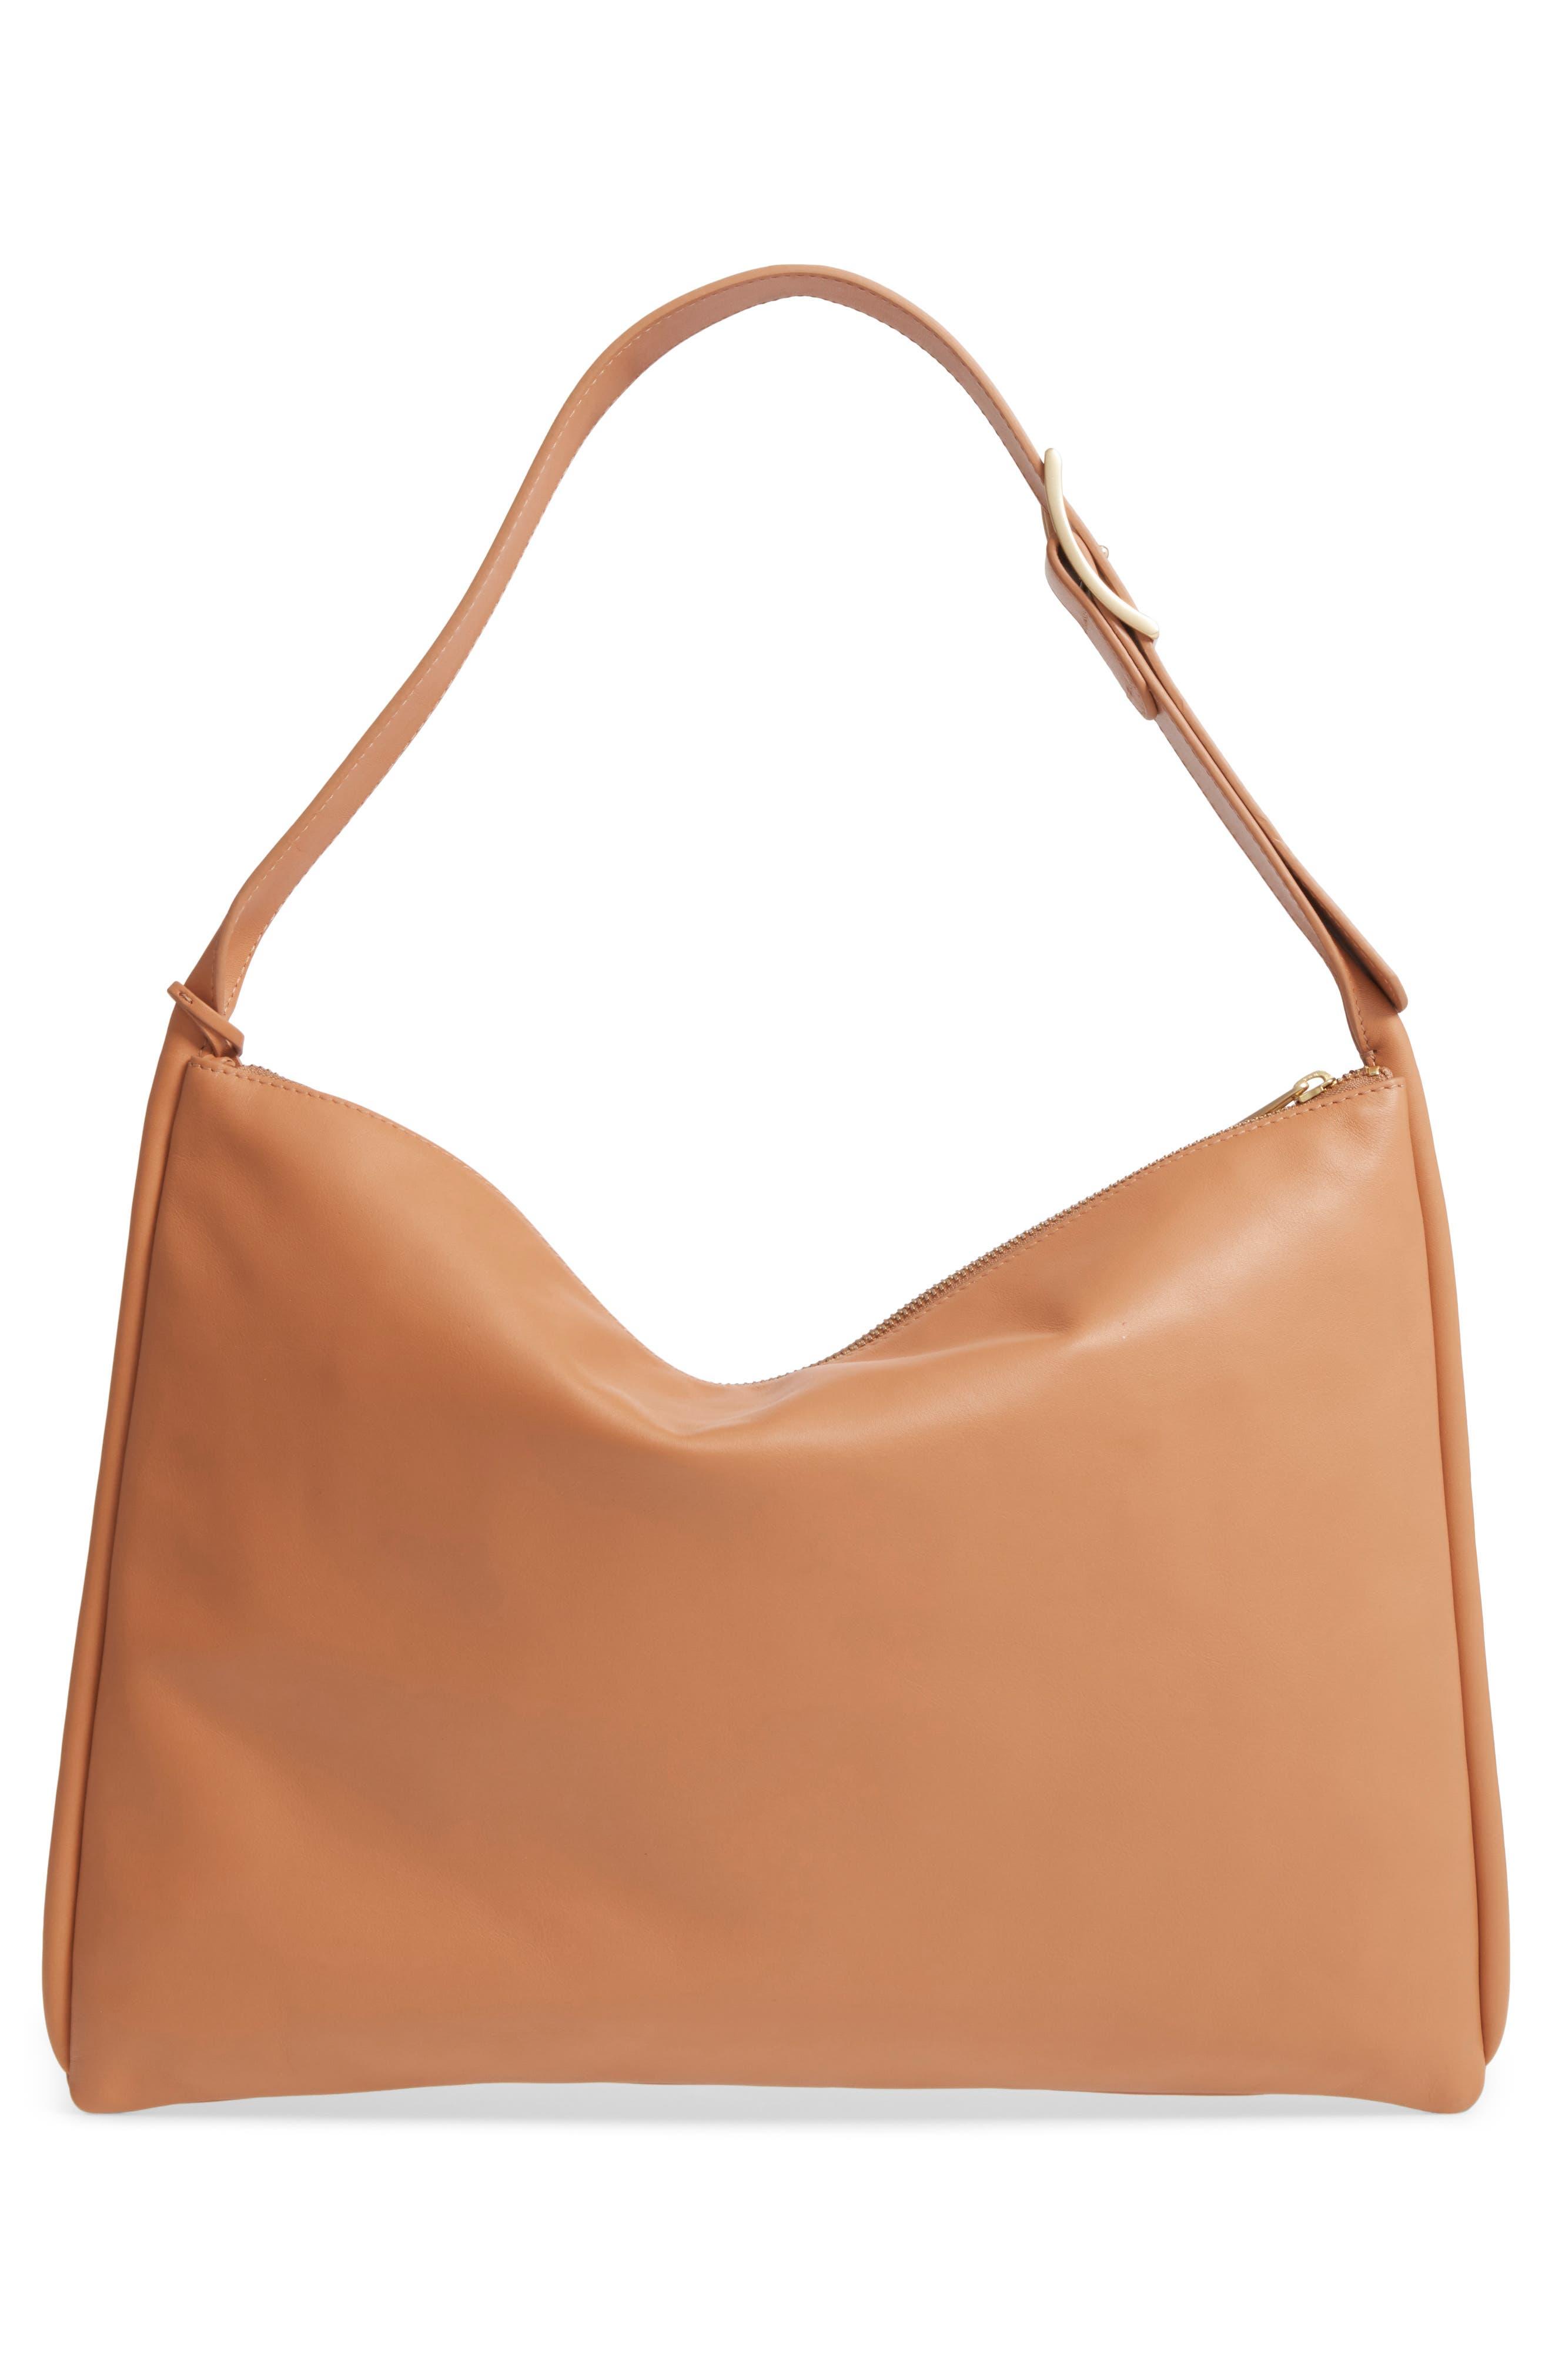 Anesa Leather Shoulder Bag,                             Alternate thumbnail 6, color,